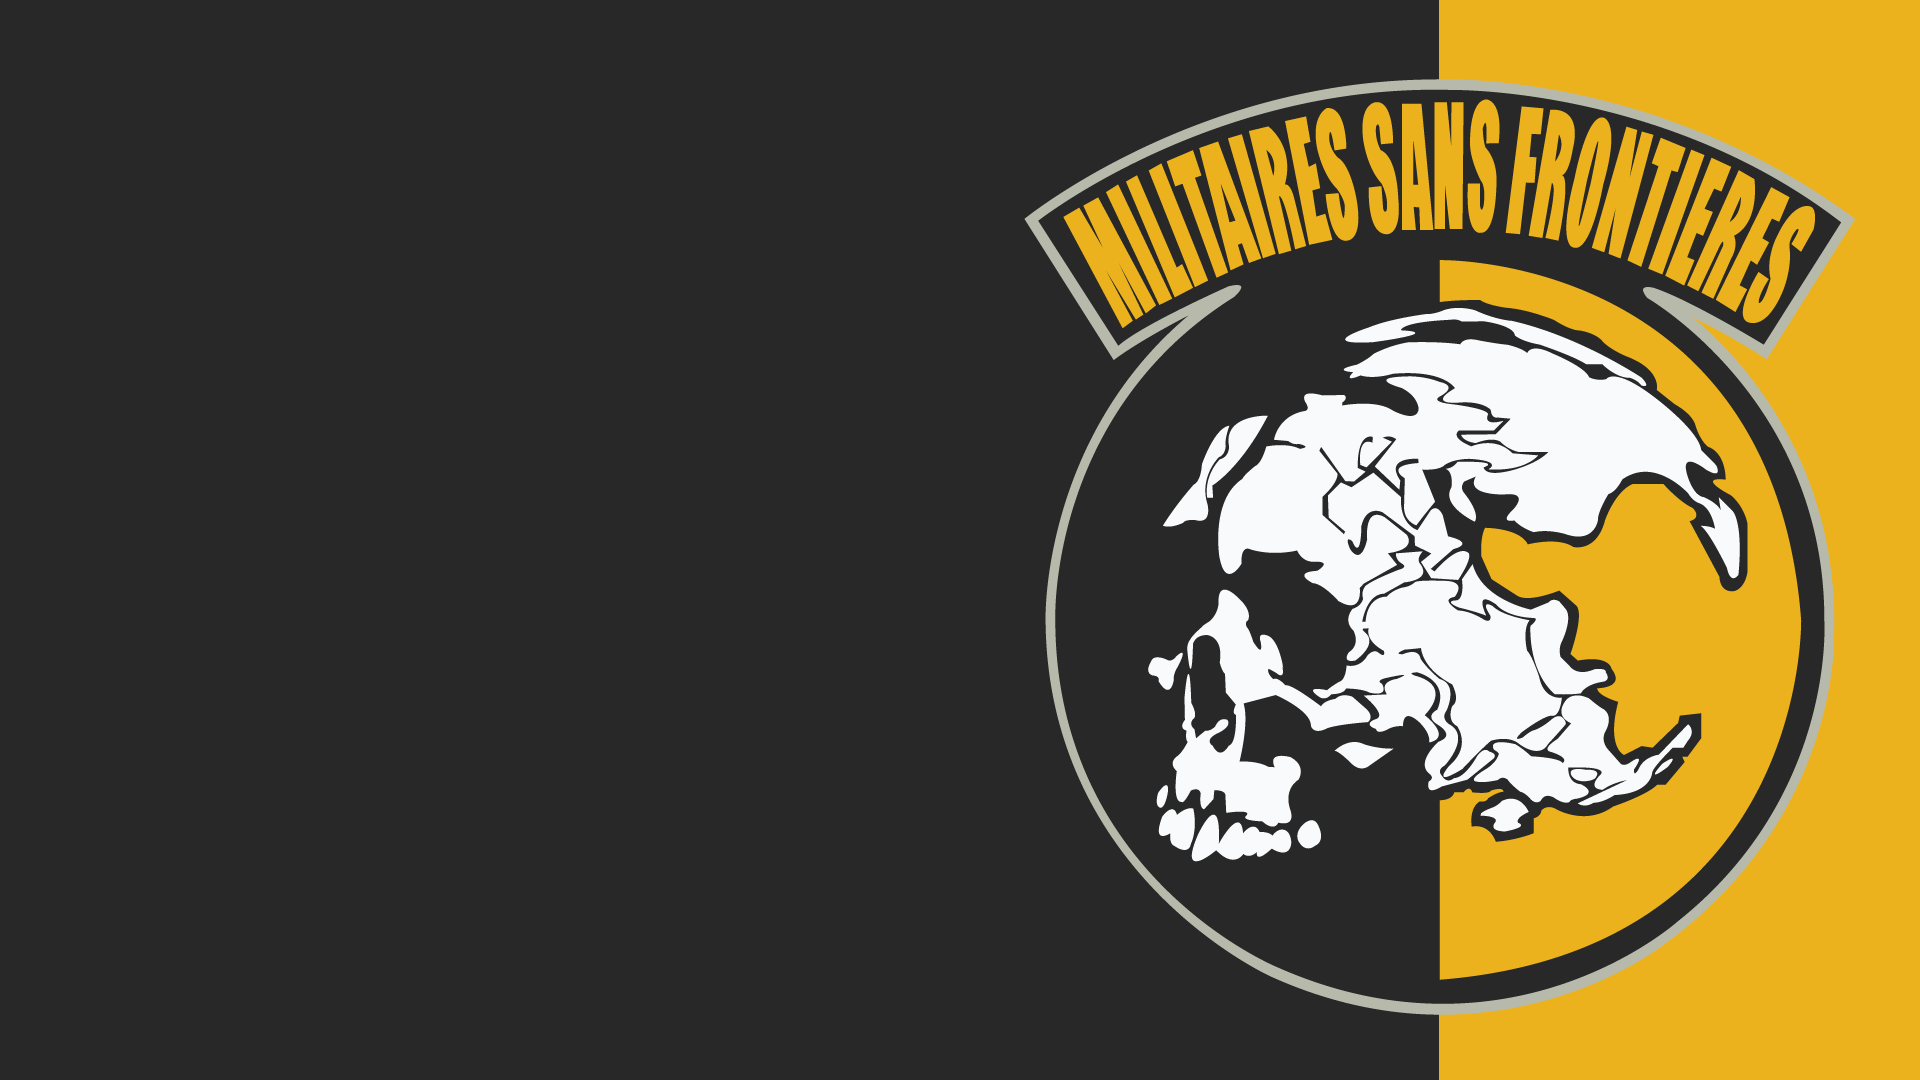 Metal Gear Solid skull skulls dark wallpaper background 1920x1080